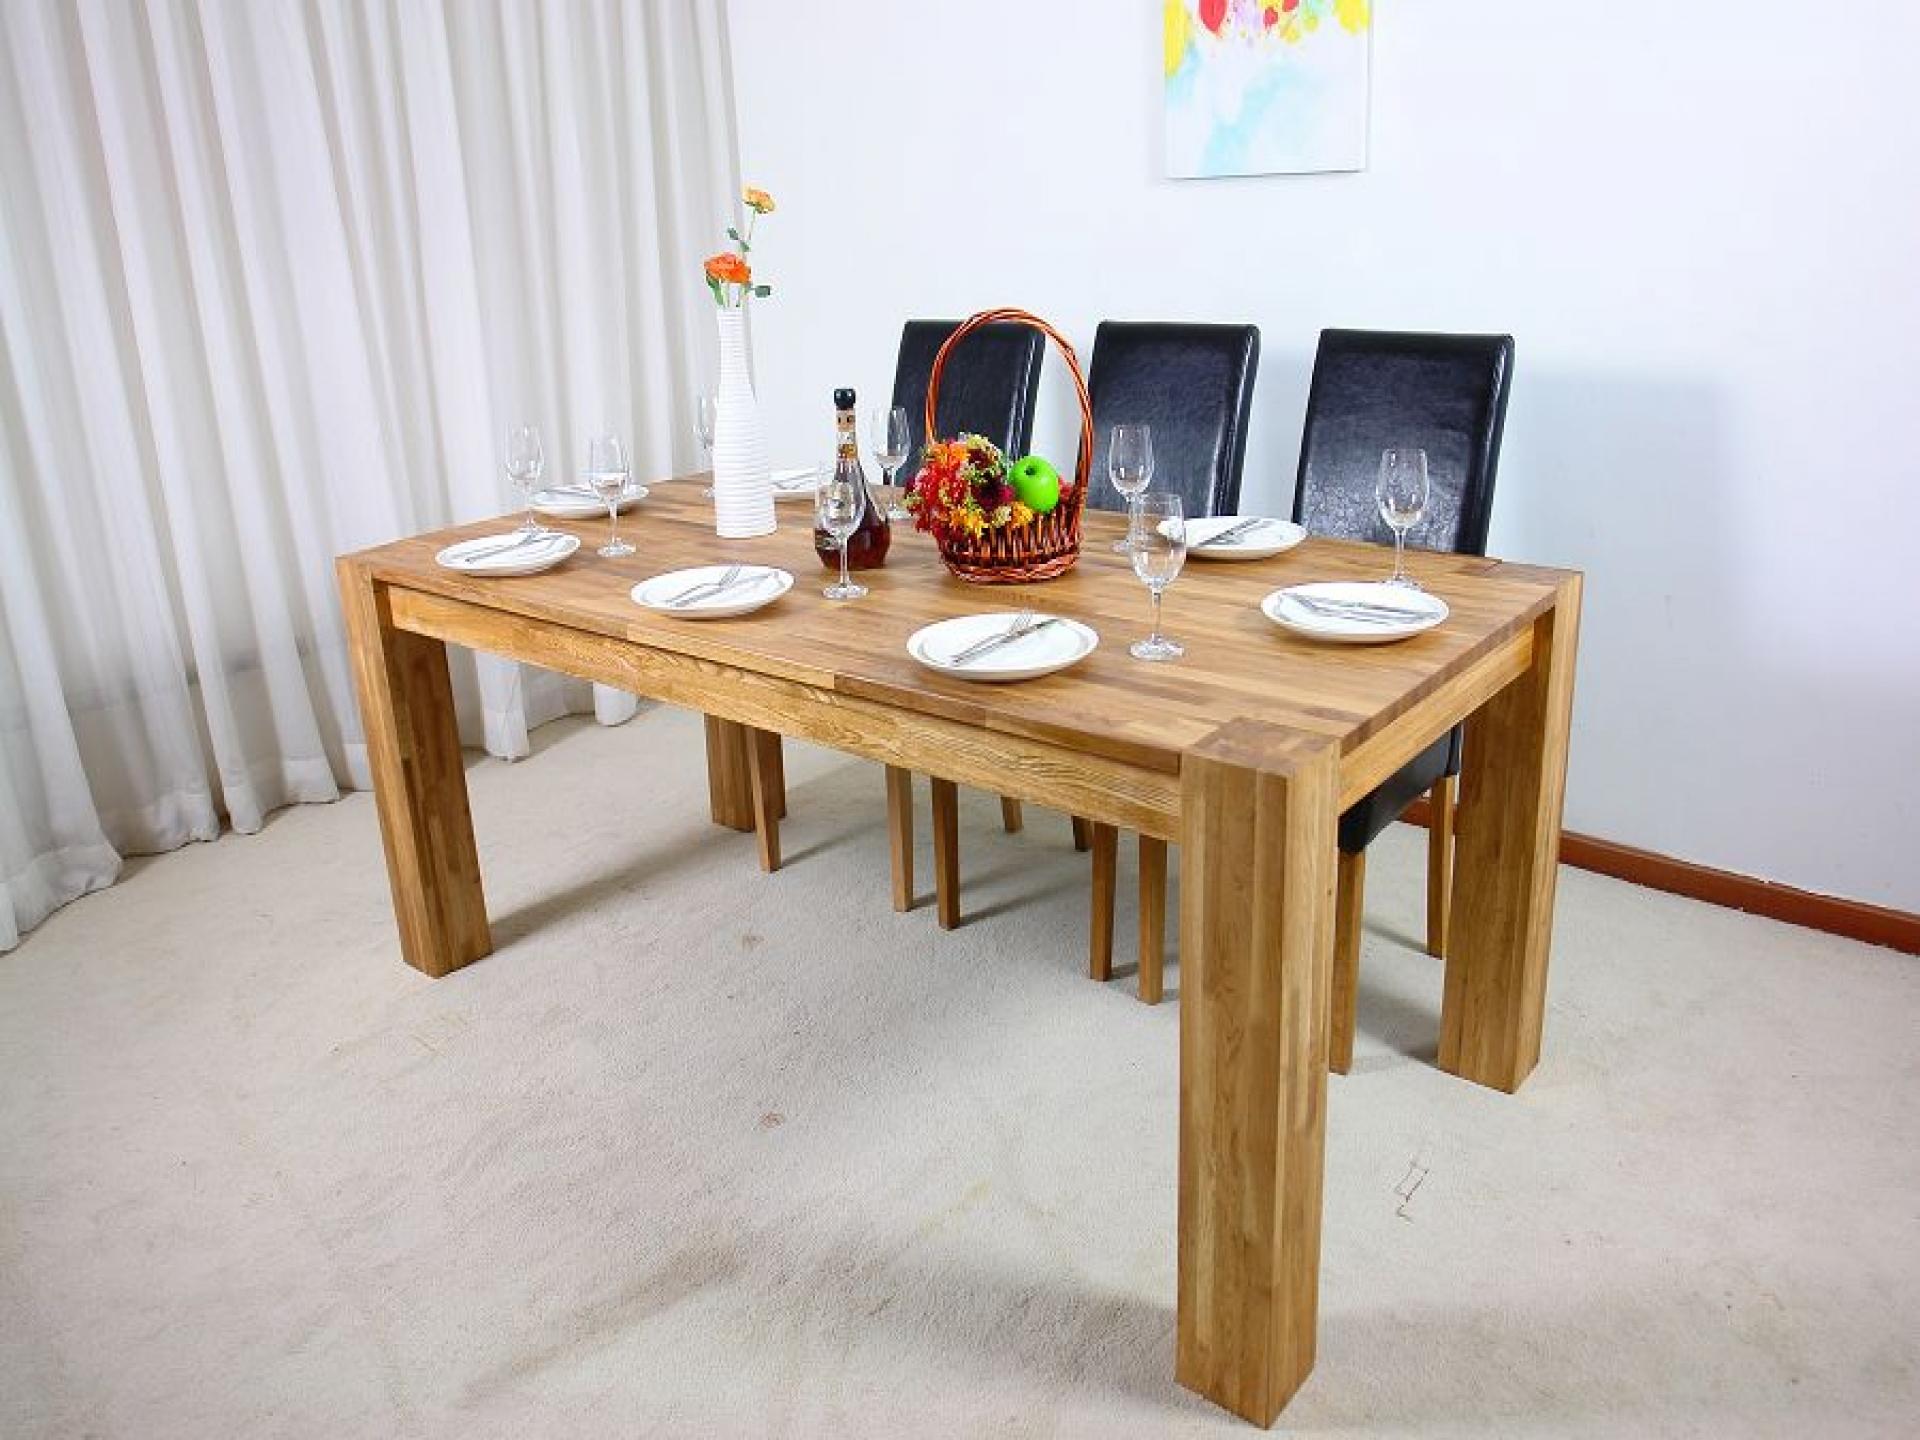 Как сделать кухонный стол из дерева своими руками чертежи фото 161